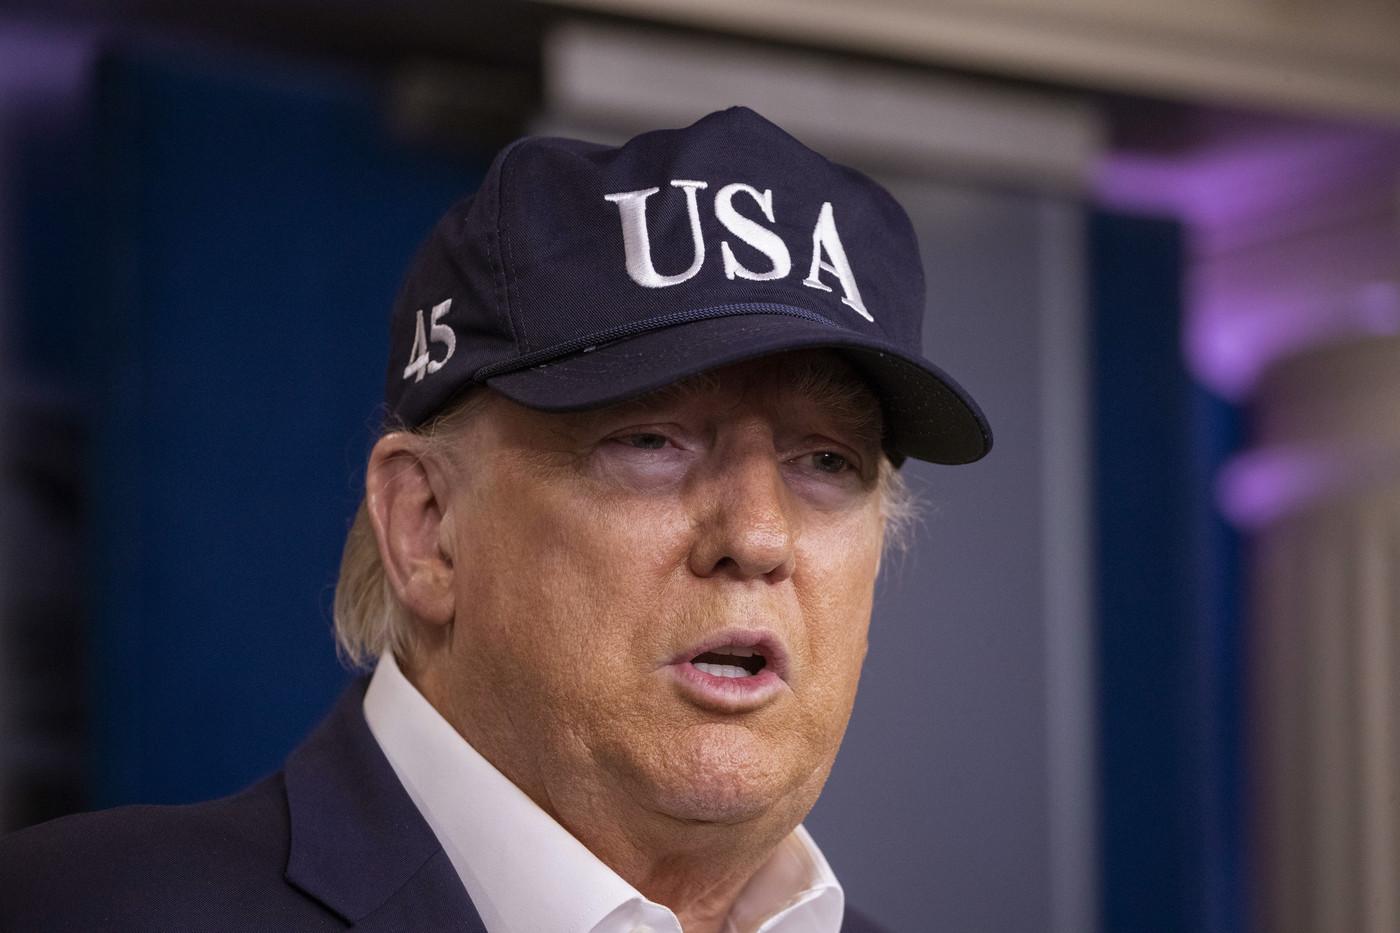 Coronavirus, Trump si sottopone al test ed estende divieto di viaggi a Gran Bretagna e Irlanda